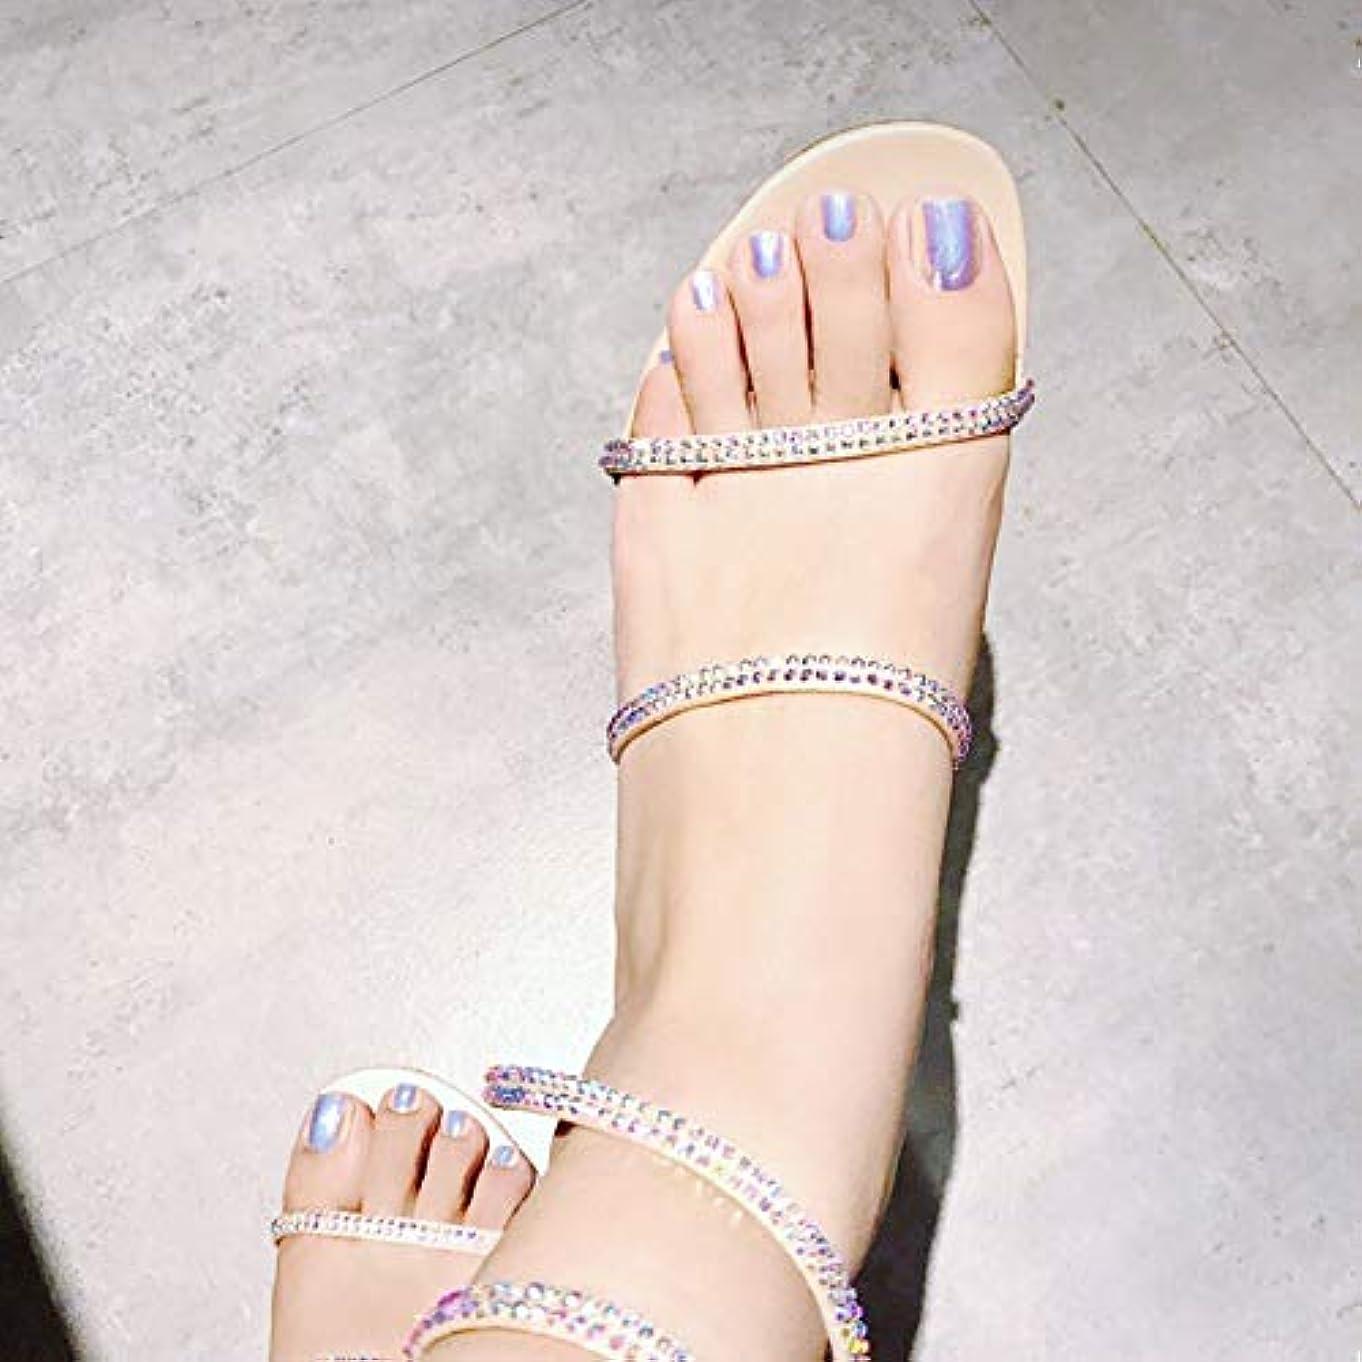 ペニー報酬の責足用24枚 純色 真珠光沢ネイルチップ 金属光の付け爪 手作りネイルチップ ネイルジュエリー つけ爪 シンプル 両面接着テープ付き 結婚式、パーティー、二次会など